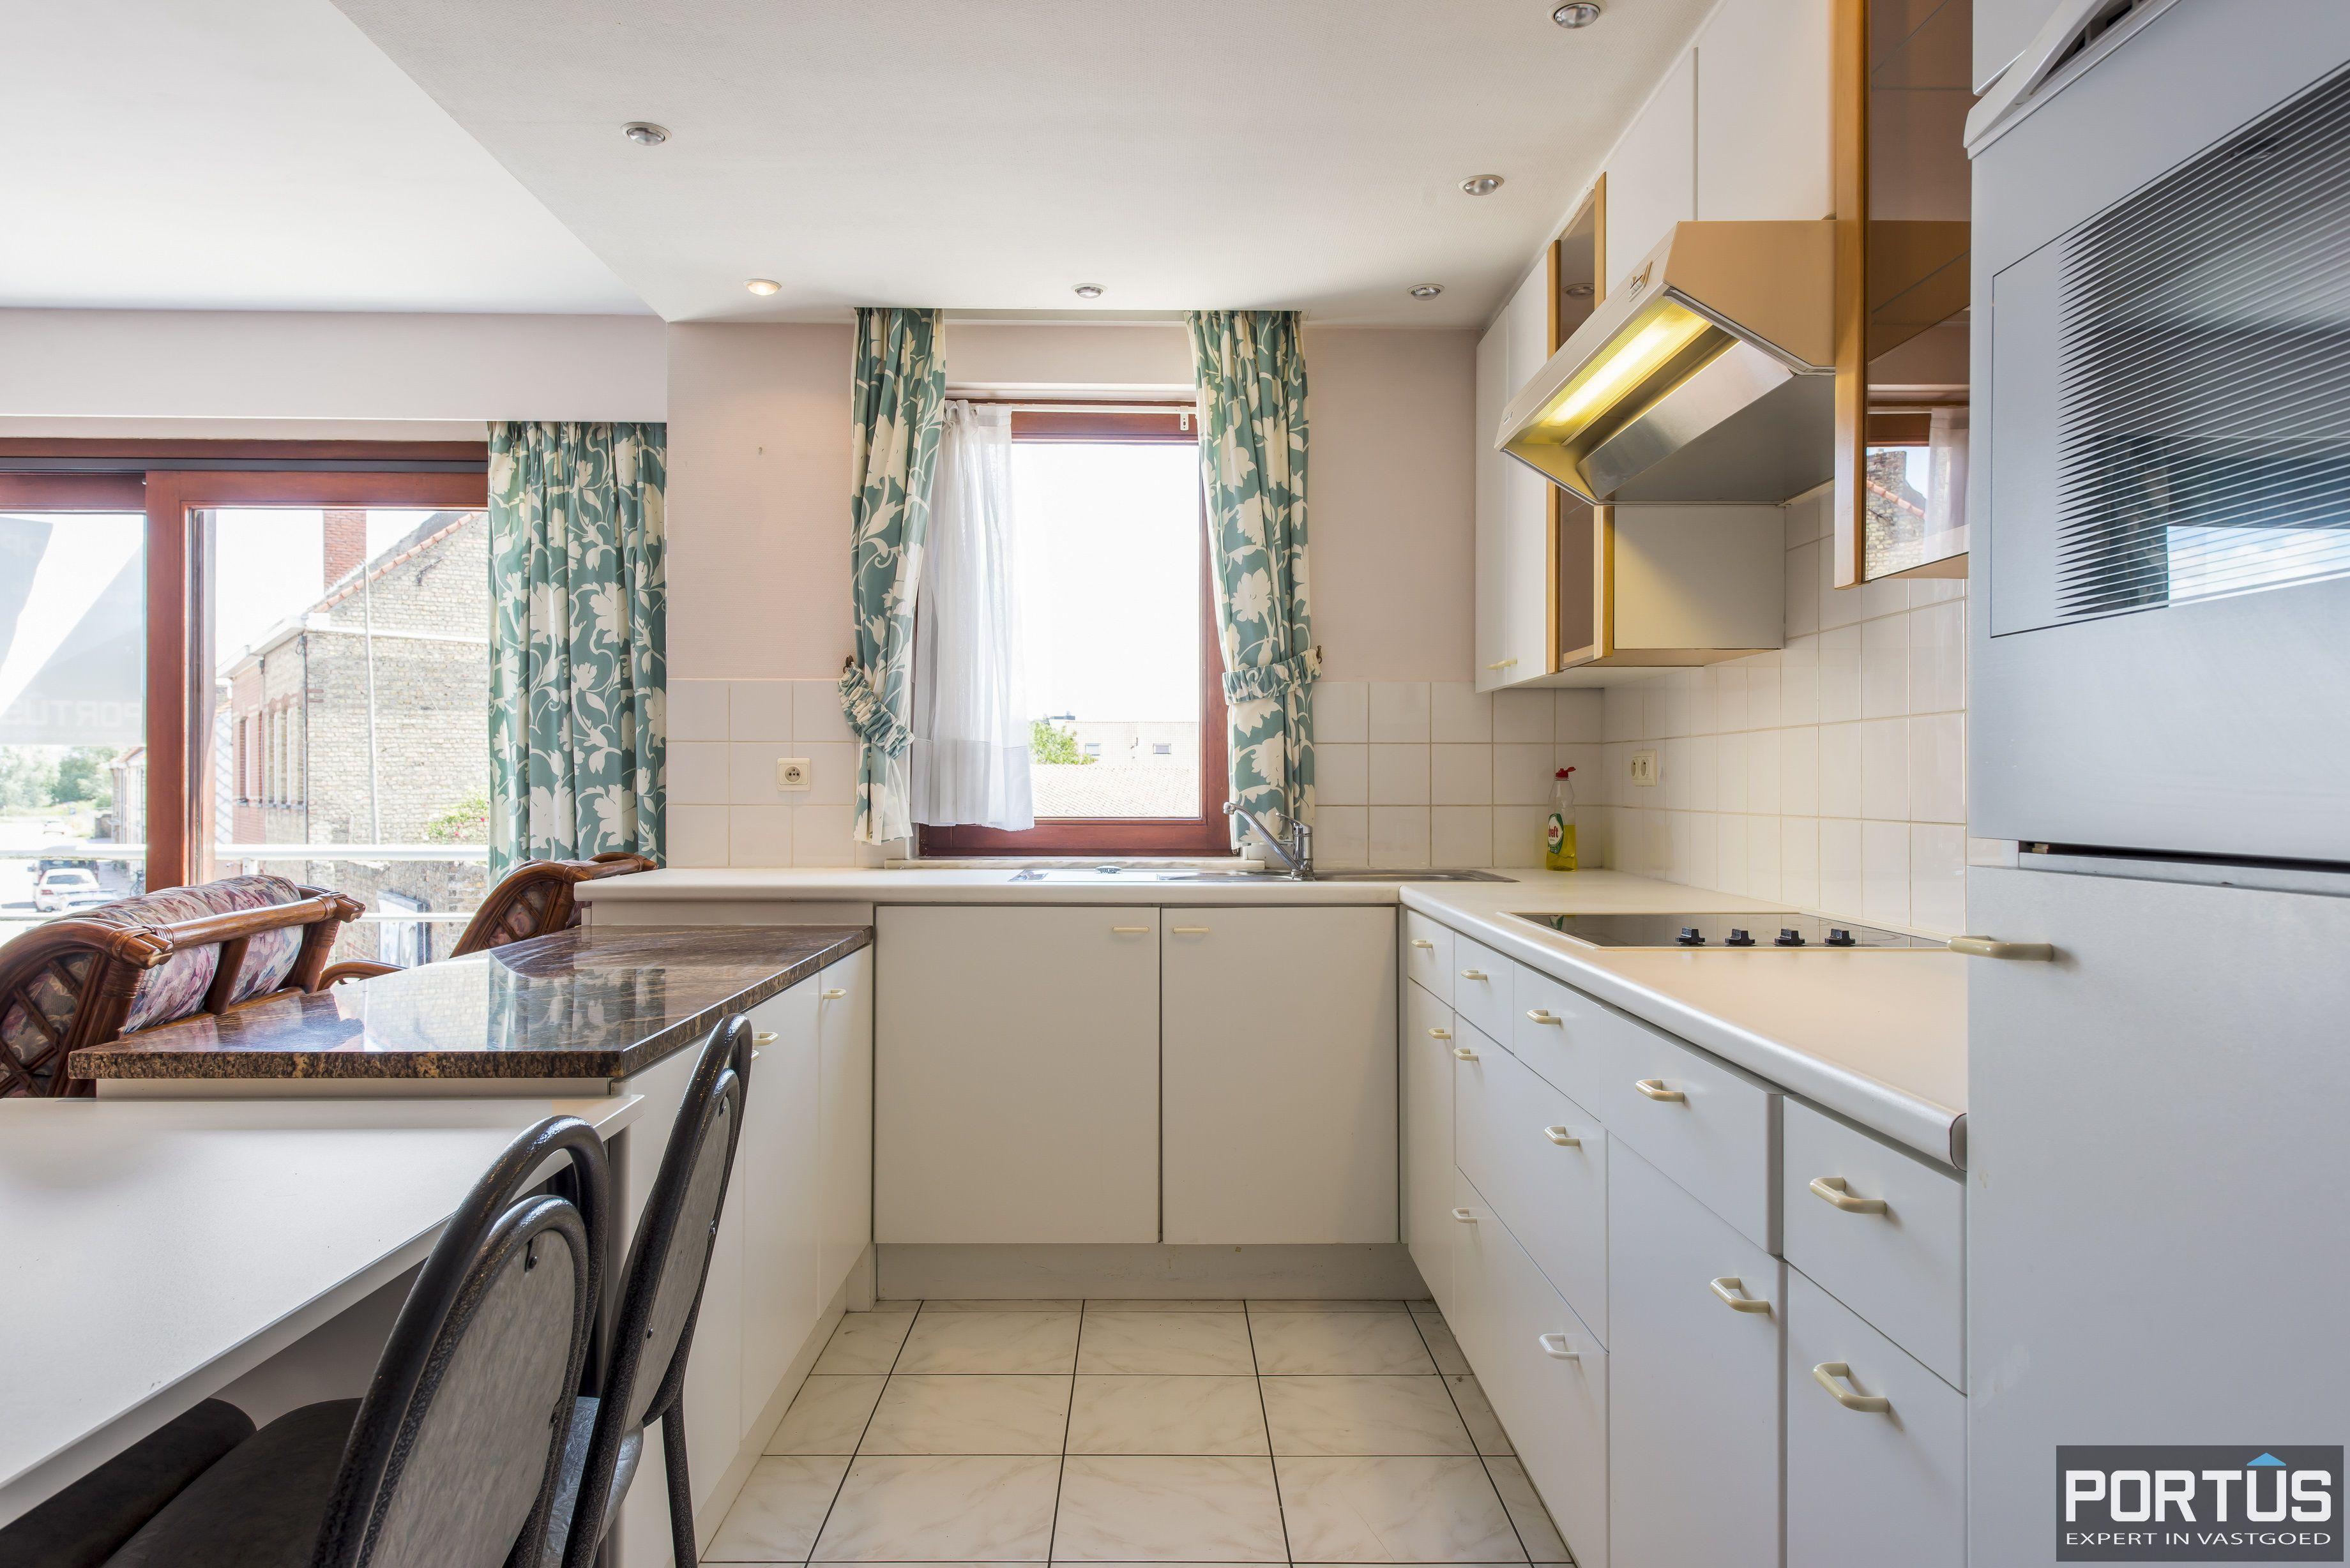 Ruim appartement met 2 slaapkamers te koop te Nieuwpoort-Stad - 11190